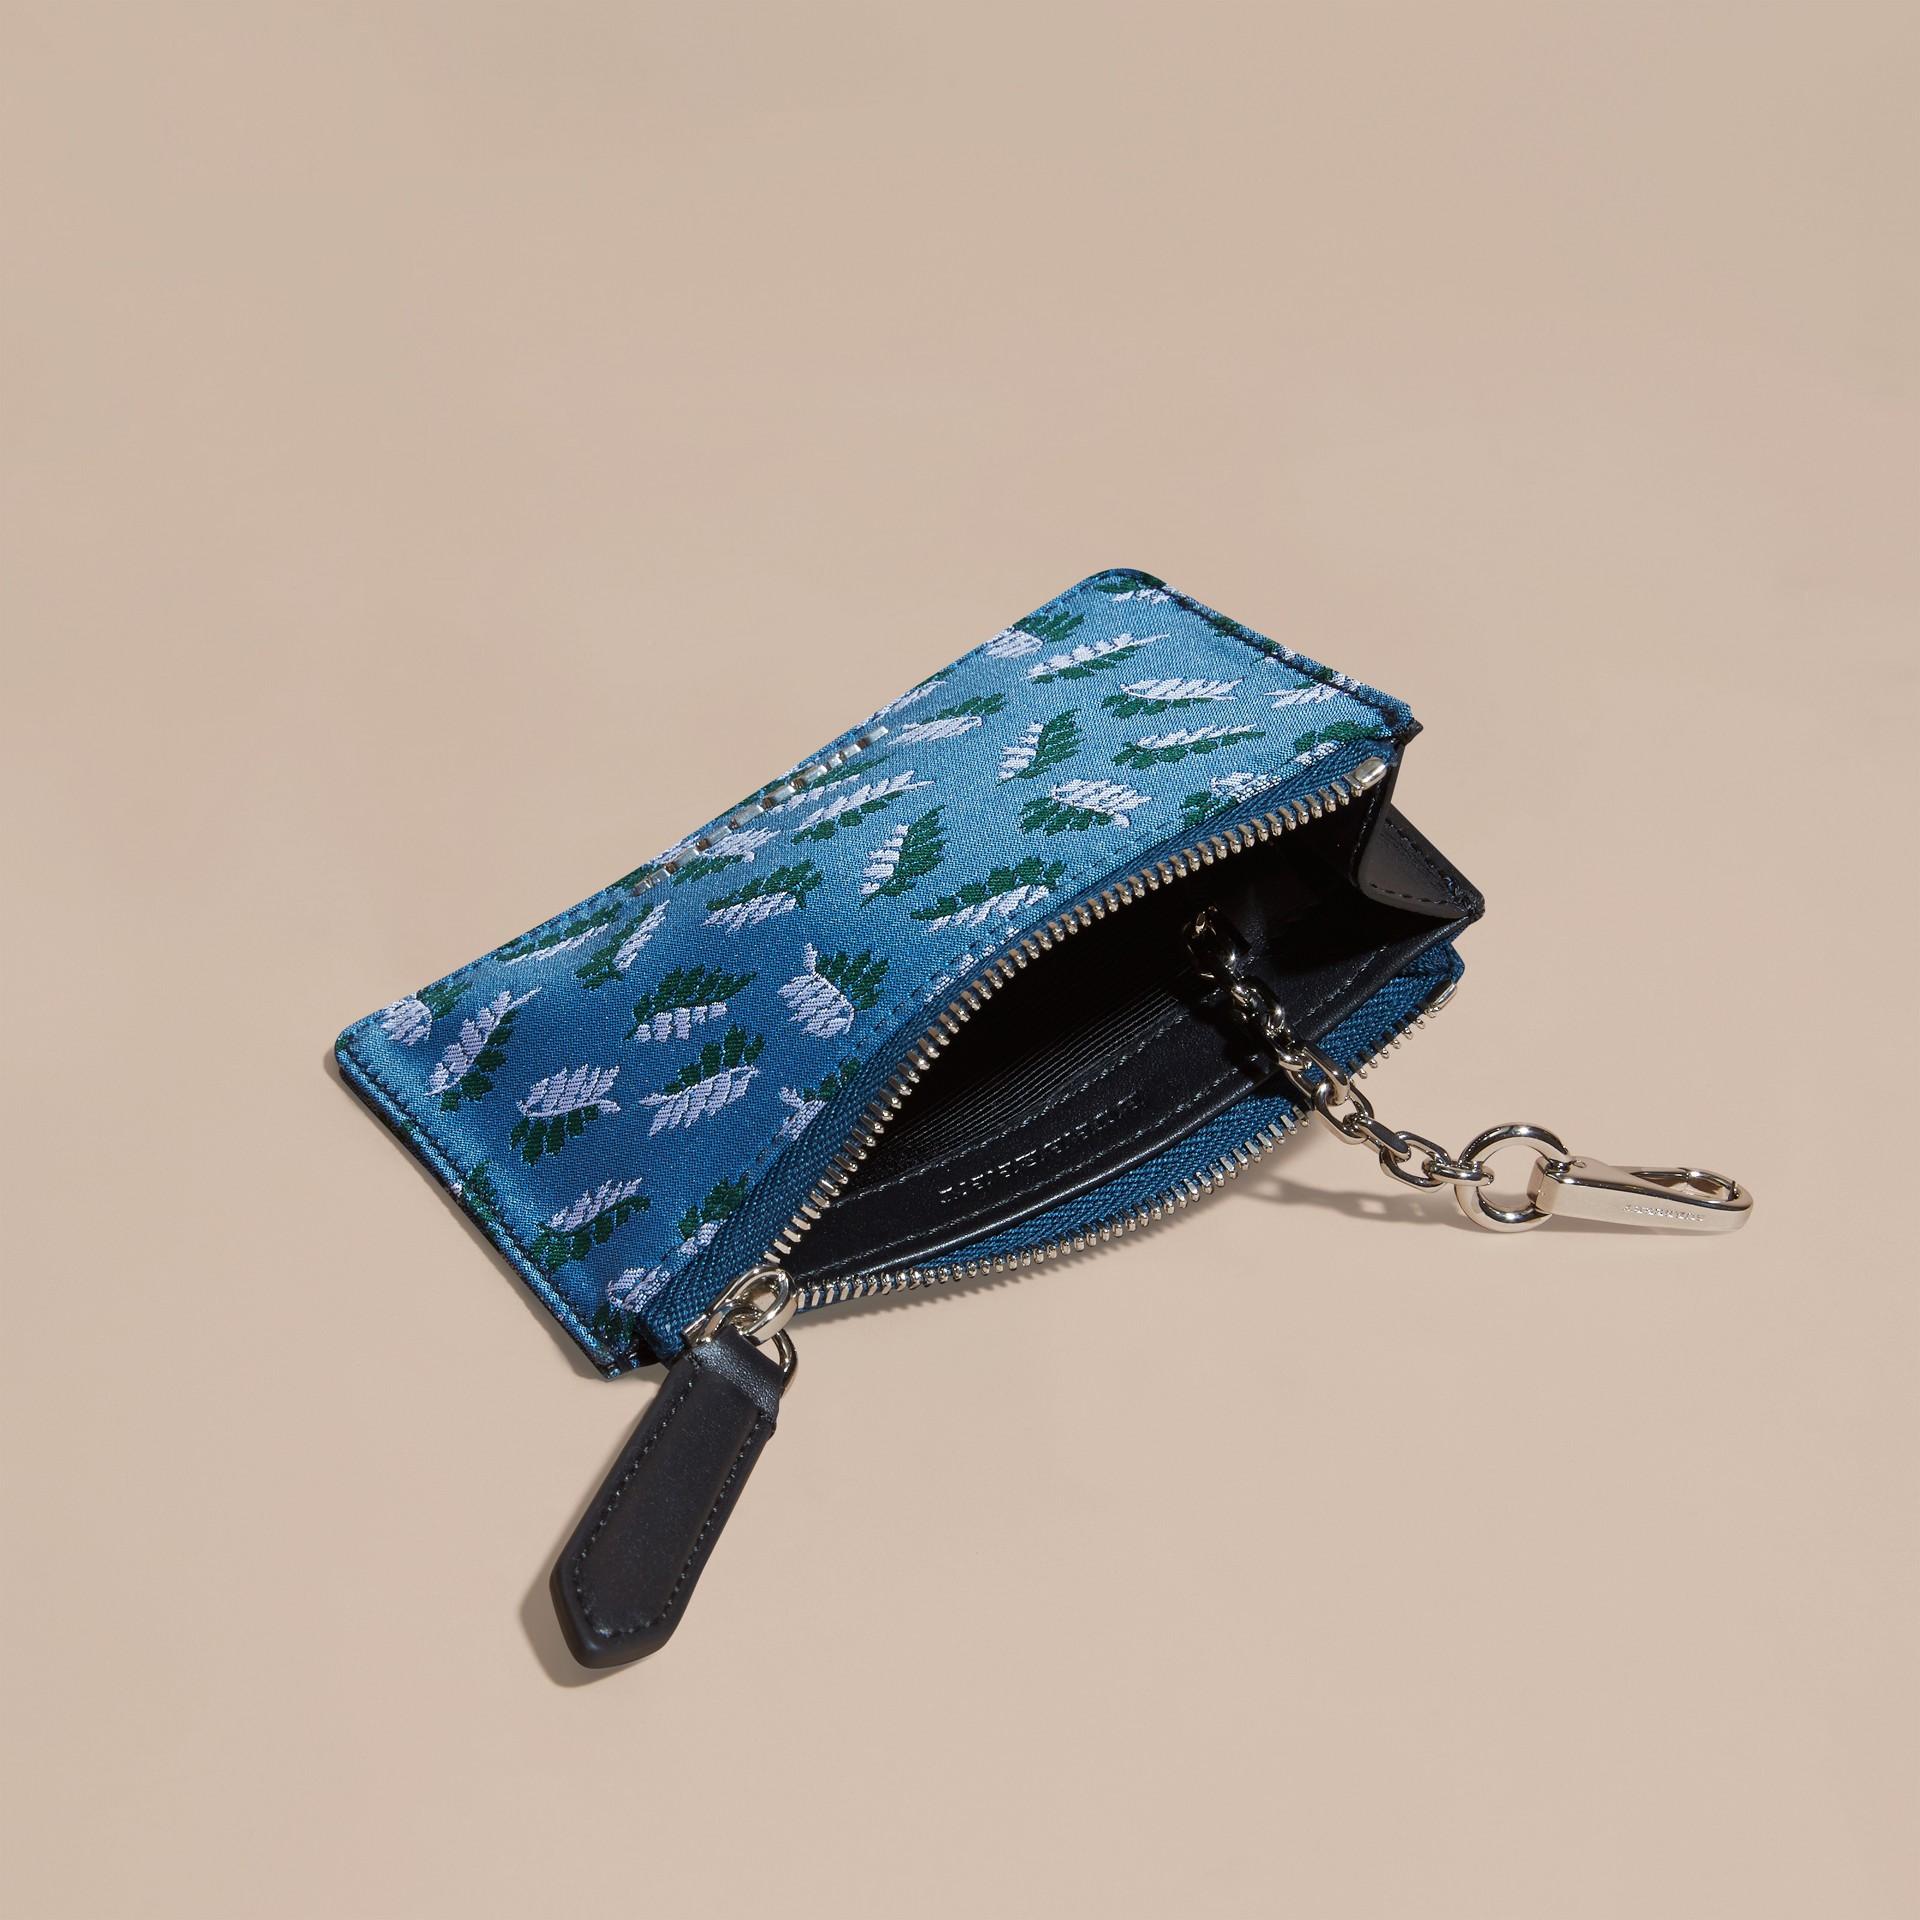 Bleu azur intense Portefeuille en jacquard à motif feuillage avec zip supérieur Bleu Azur Intense - photo de la galerie 5